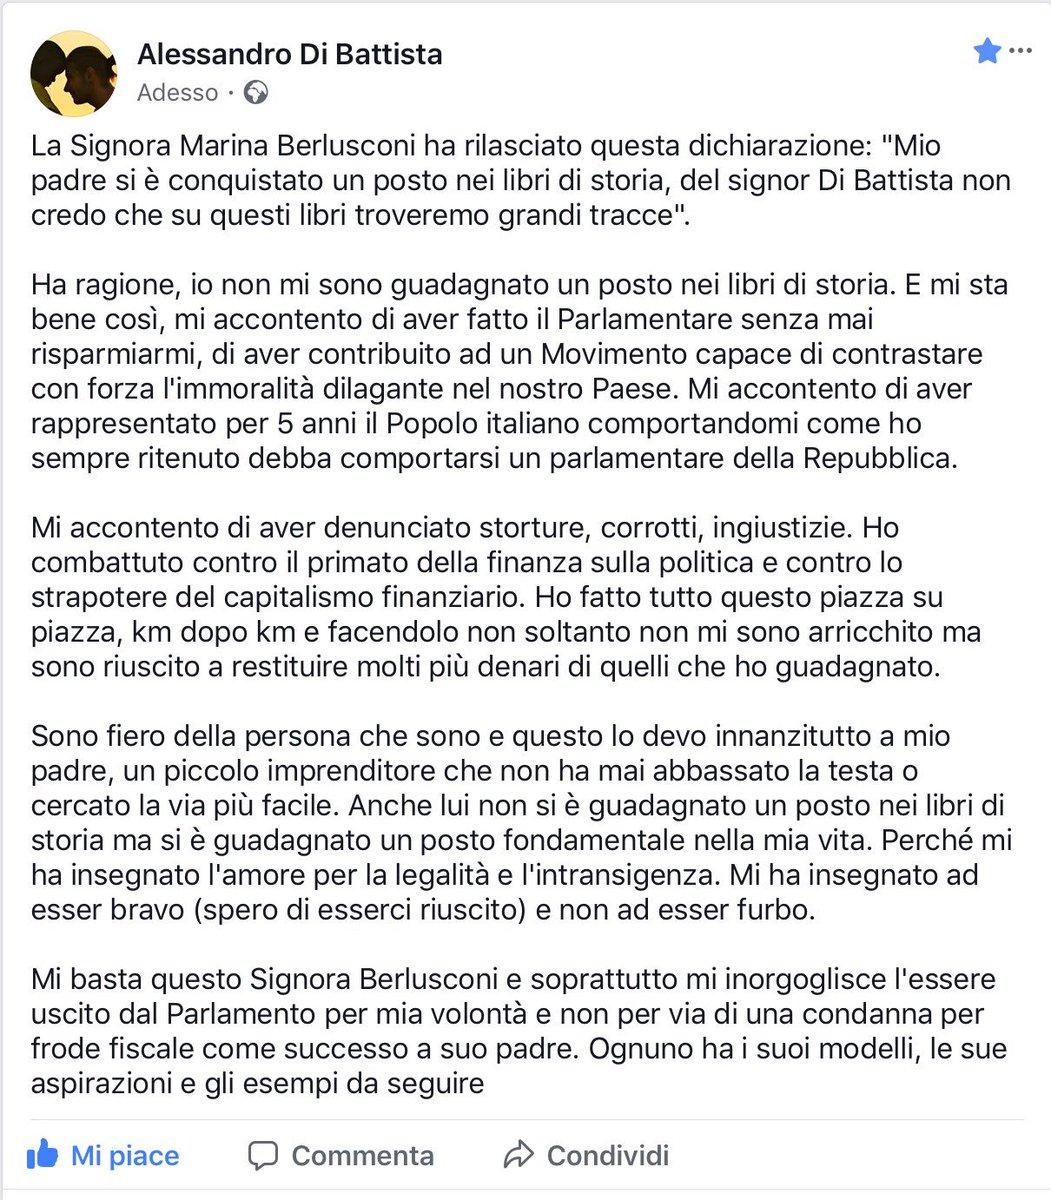 #Napolitano #dimartedi #ottoemezzo Rispo...